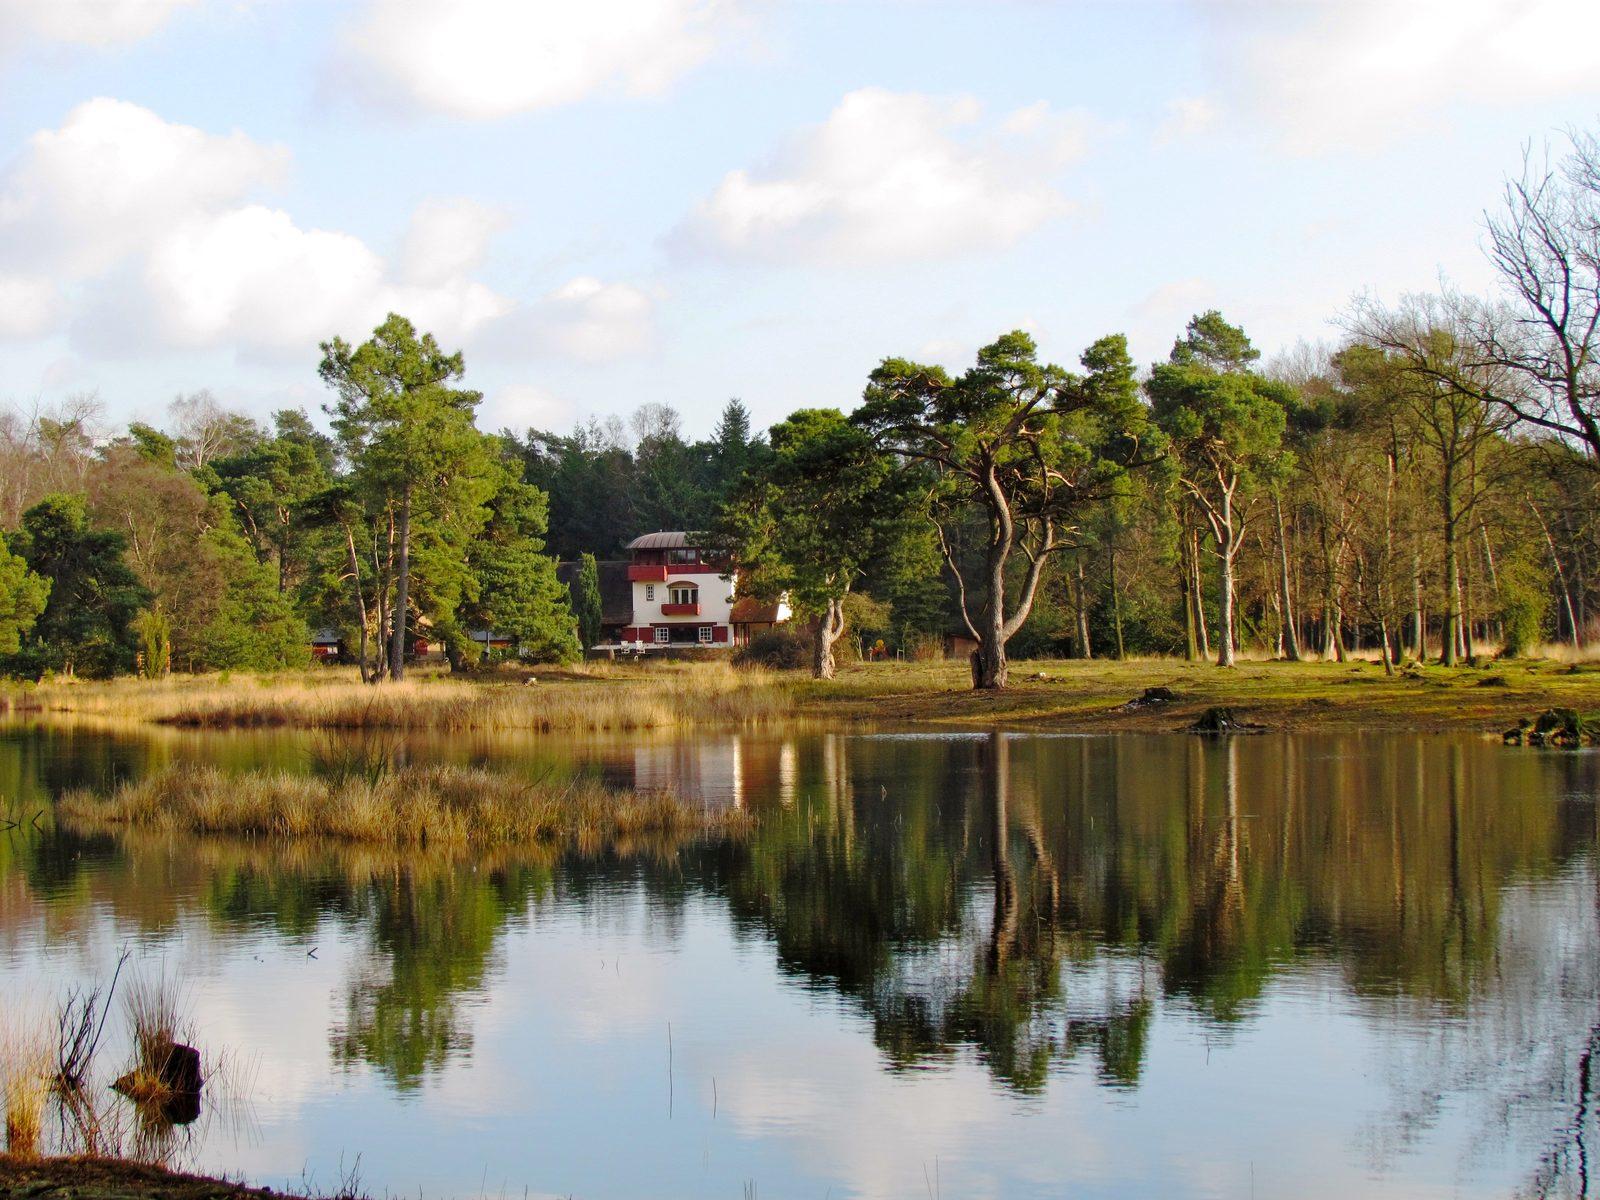 Nederland, Overijssel, vakantiehuis, natuur, landgoed, weekendje weg, luxe